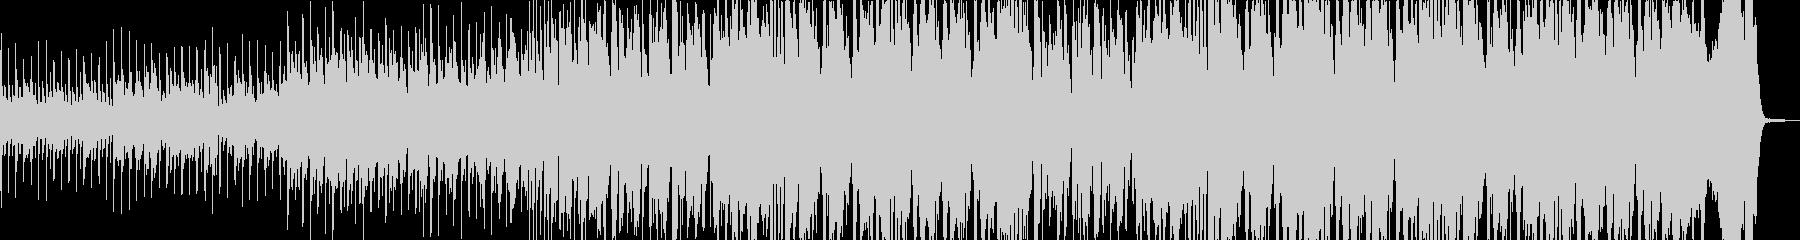 ジプシー風怪しい小編成ビッグバンドジャズの未再生の波形